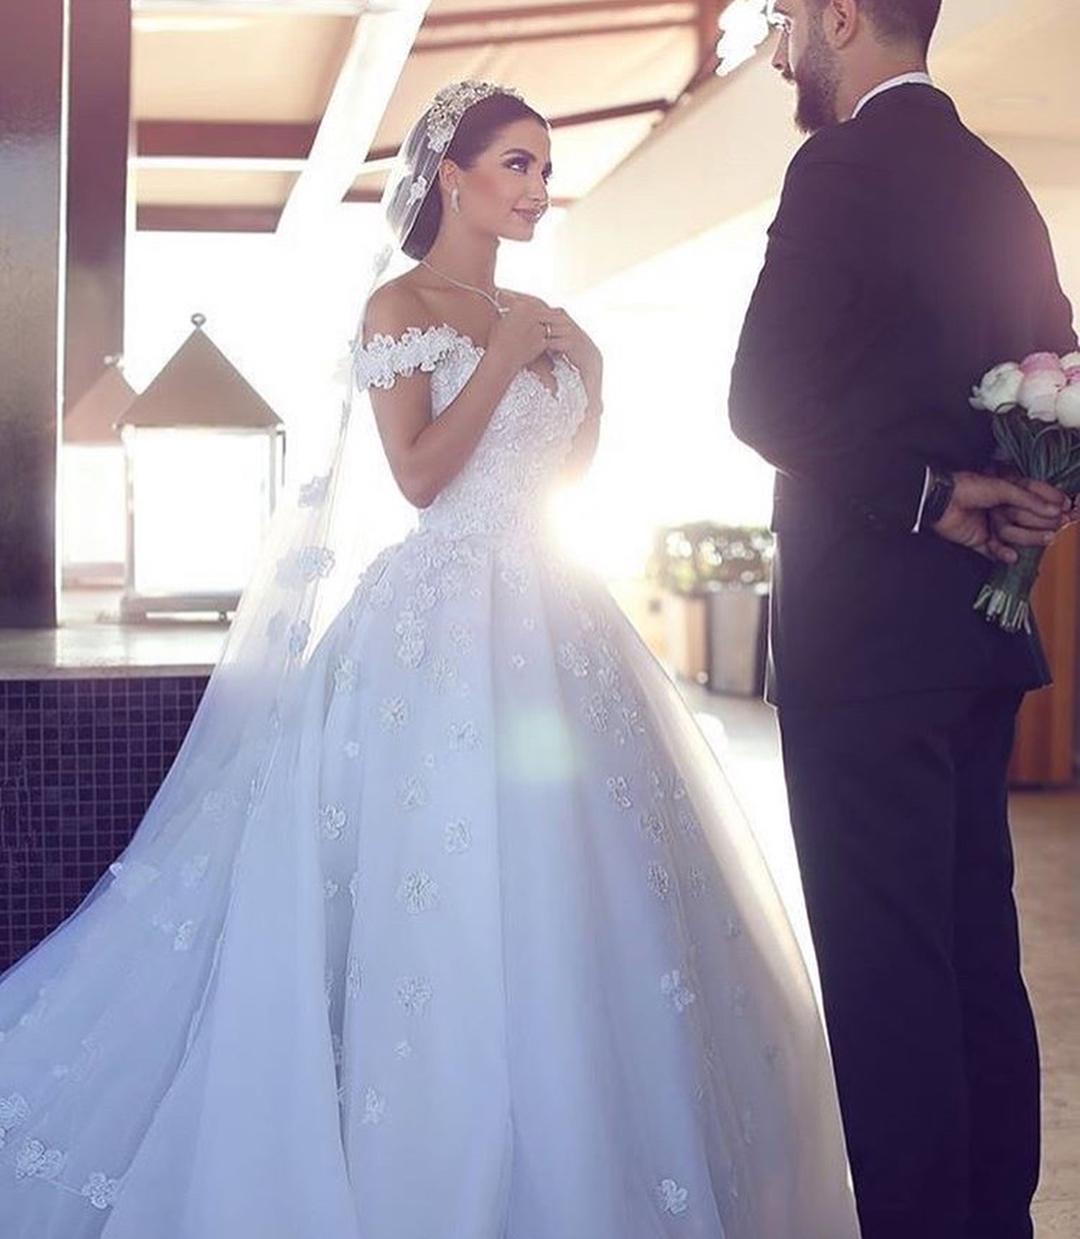 بالصور رمزيات عروس , اجمل صور العرائس وليله العمر 267 6